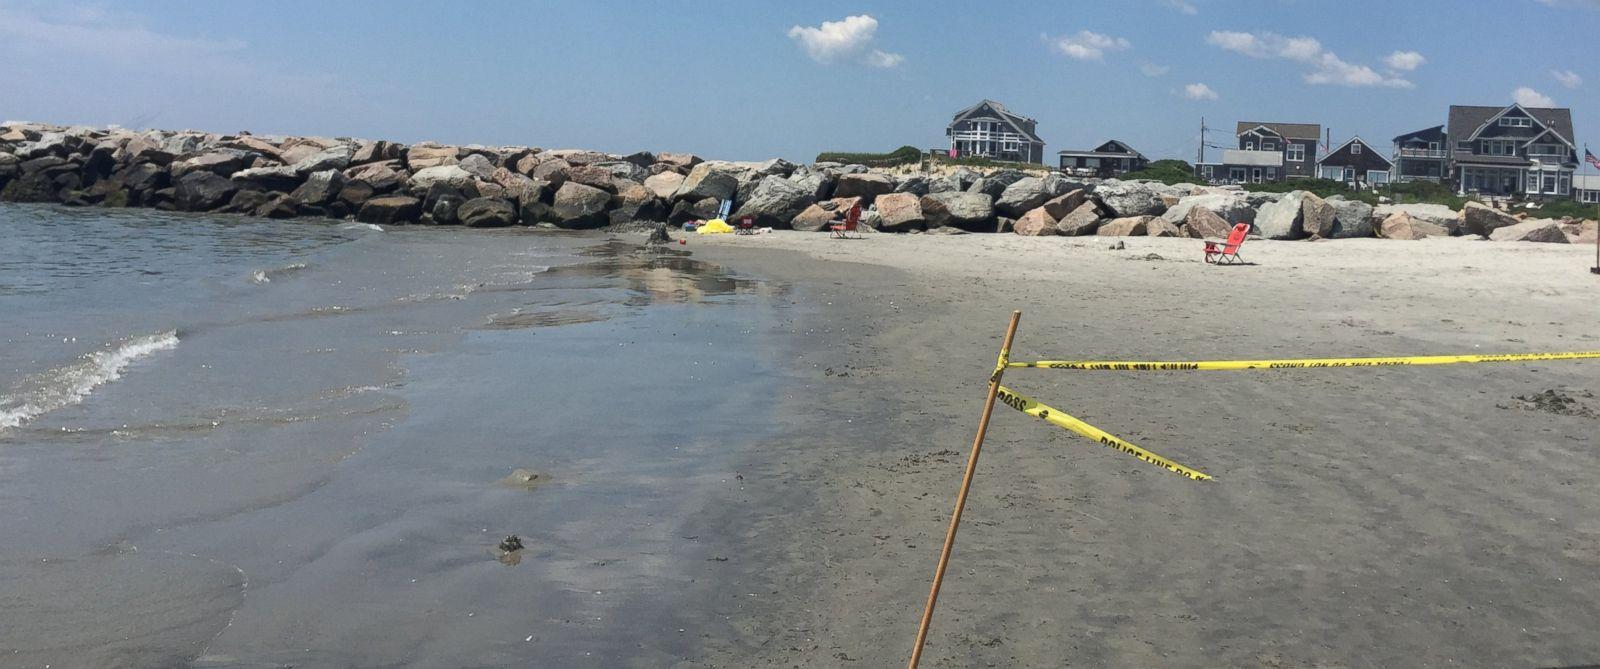 Explosion At Salty Brine State Beach Rhode Island